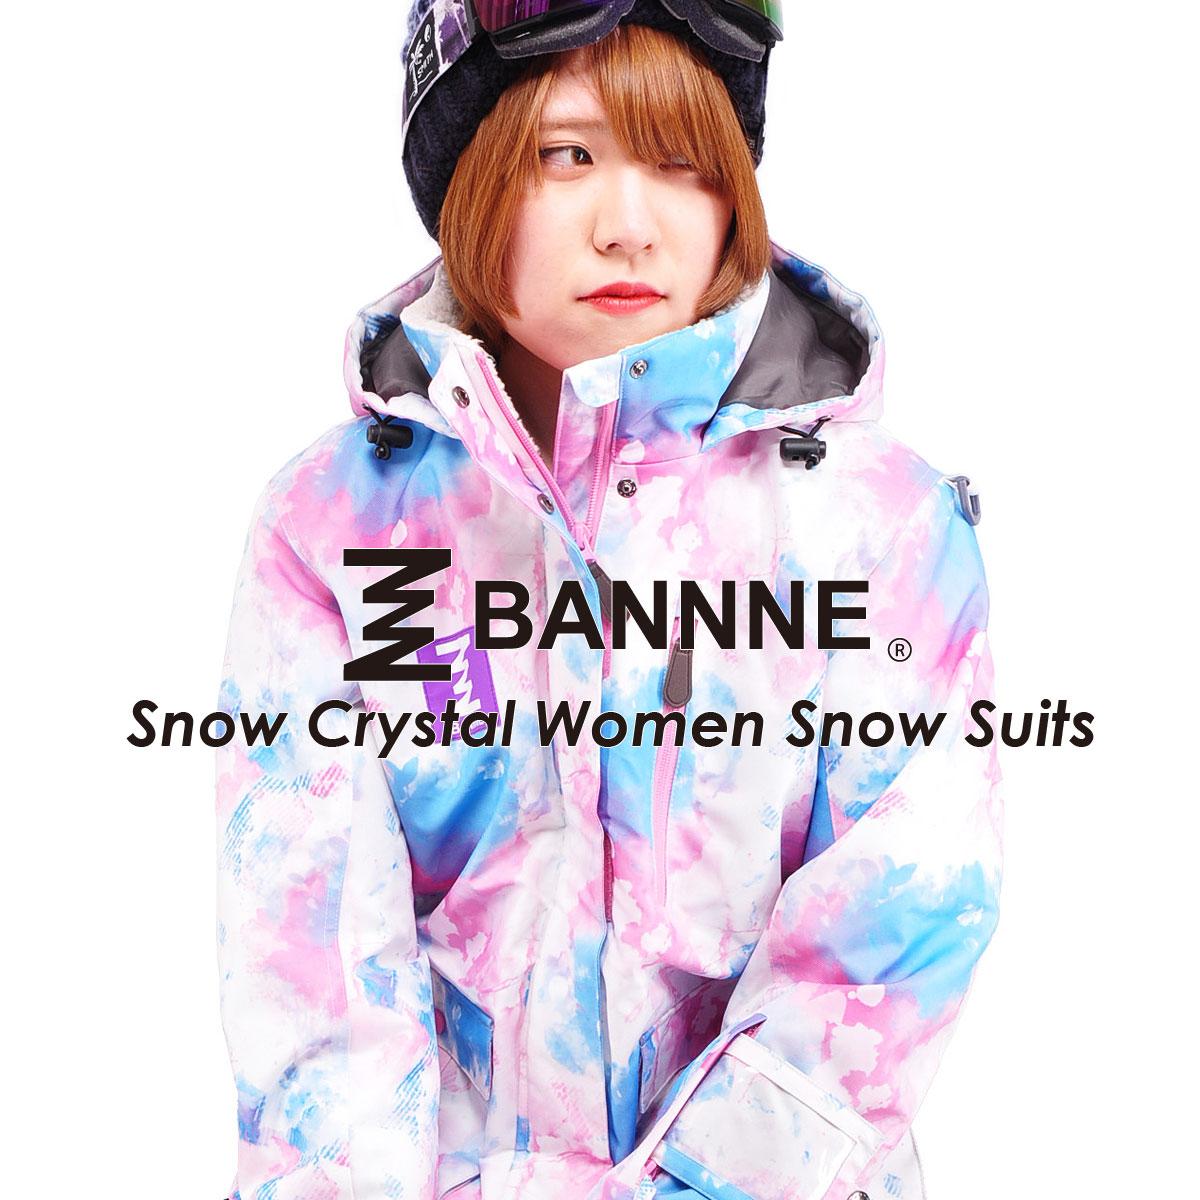 日本全国 送料無料 耐水圧10000mm コストパフォーマンス抜群 BANNNE OUTLET SALE バンネ BNS-201 Snow Crystal Suit 上下セット スノースーツ スキーウェア レディース 女性用 Women